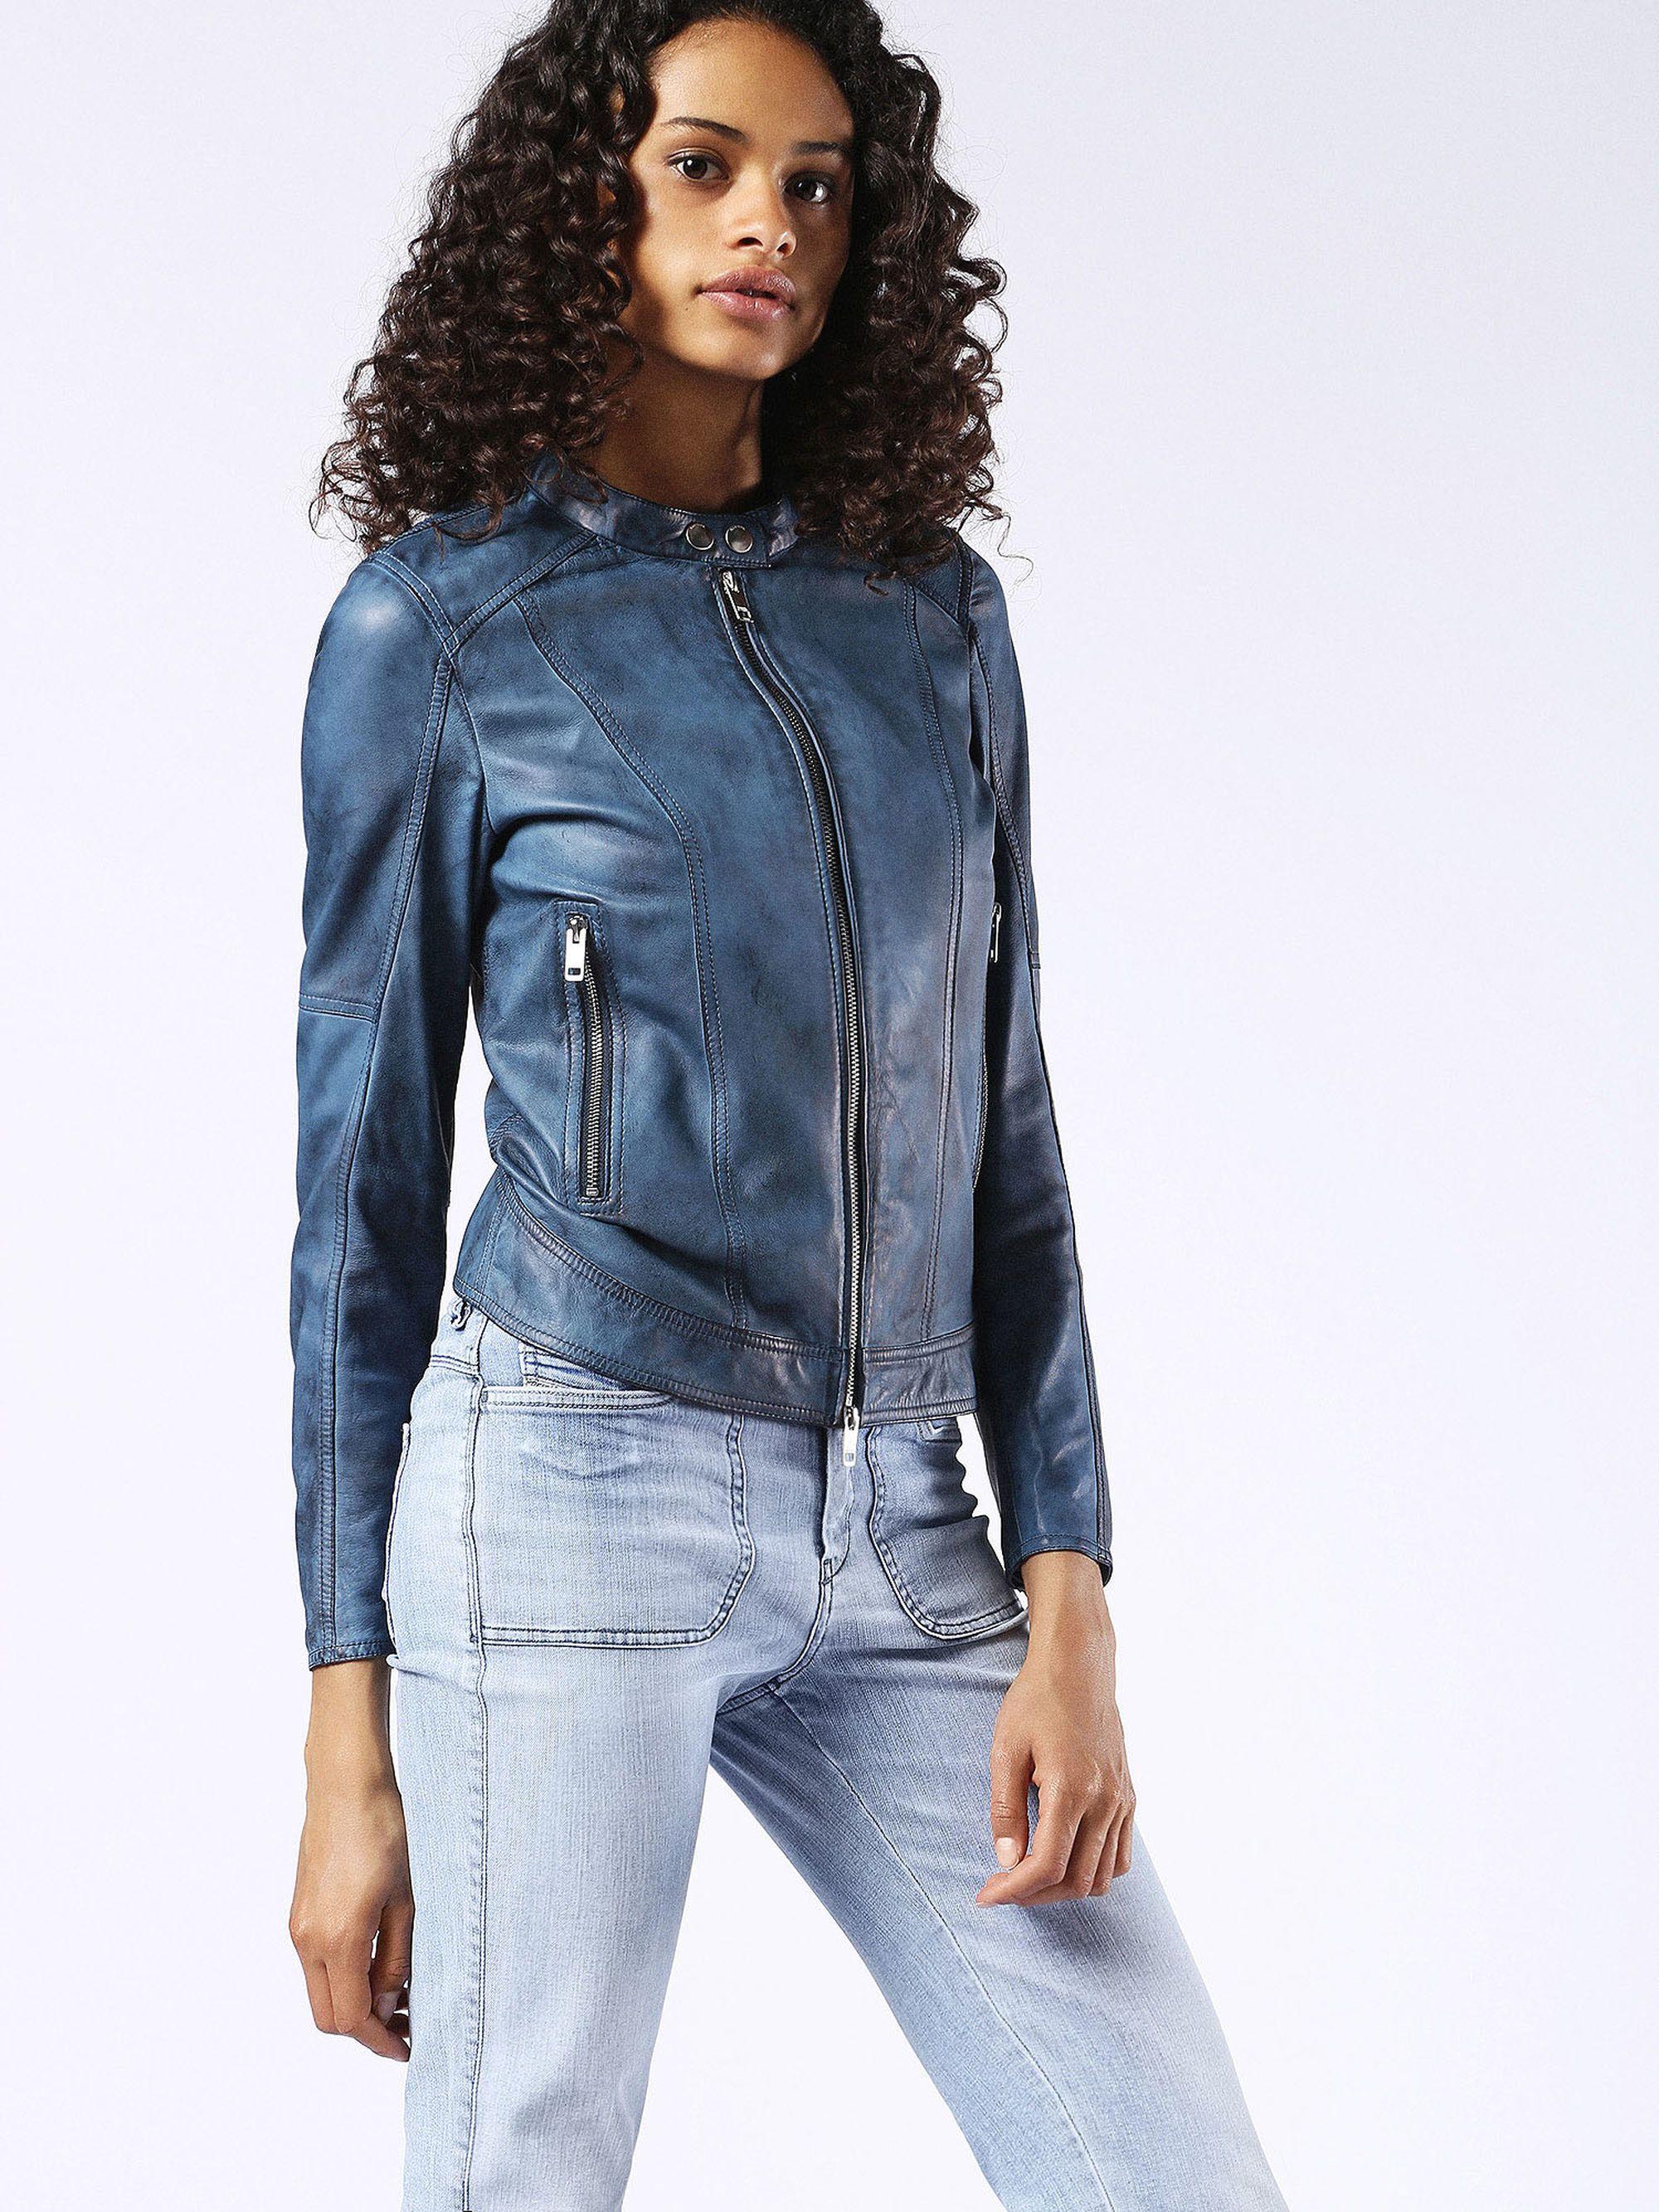 Shadowhunters Diesel L Lory Jacket Jackets Diesel Jacket Leather Jacket [ 2667 x 2000 Pixel ]